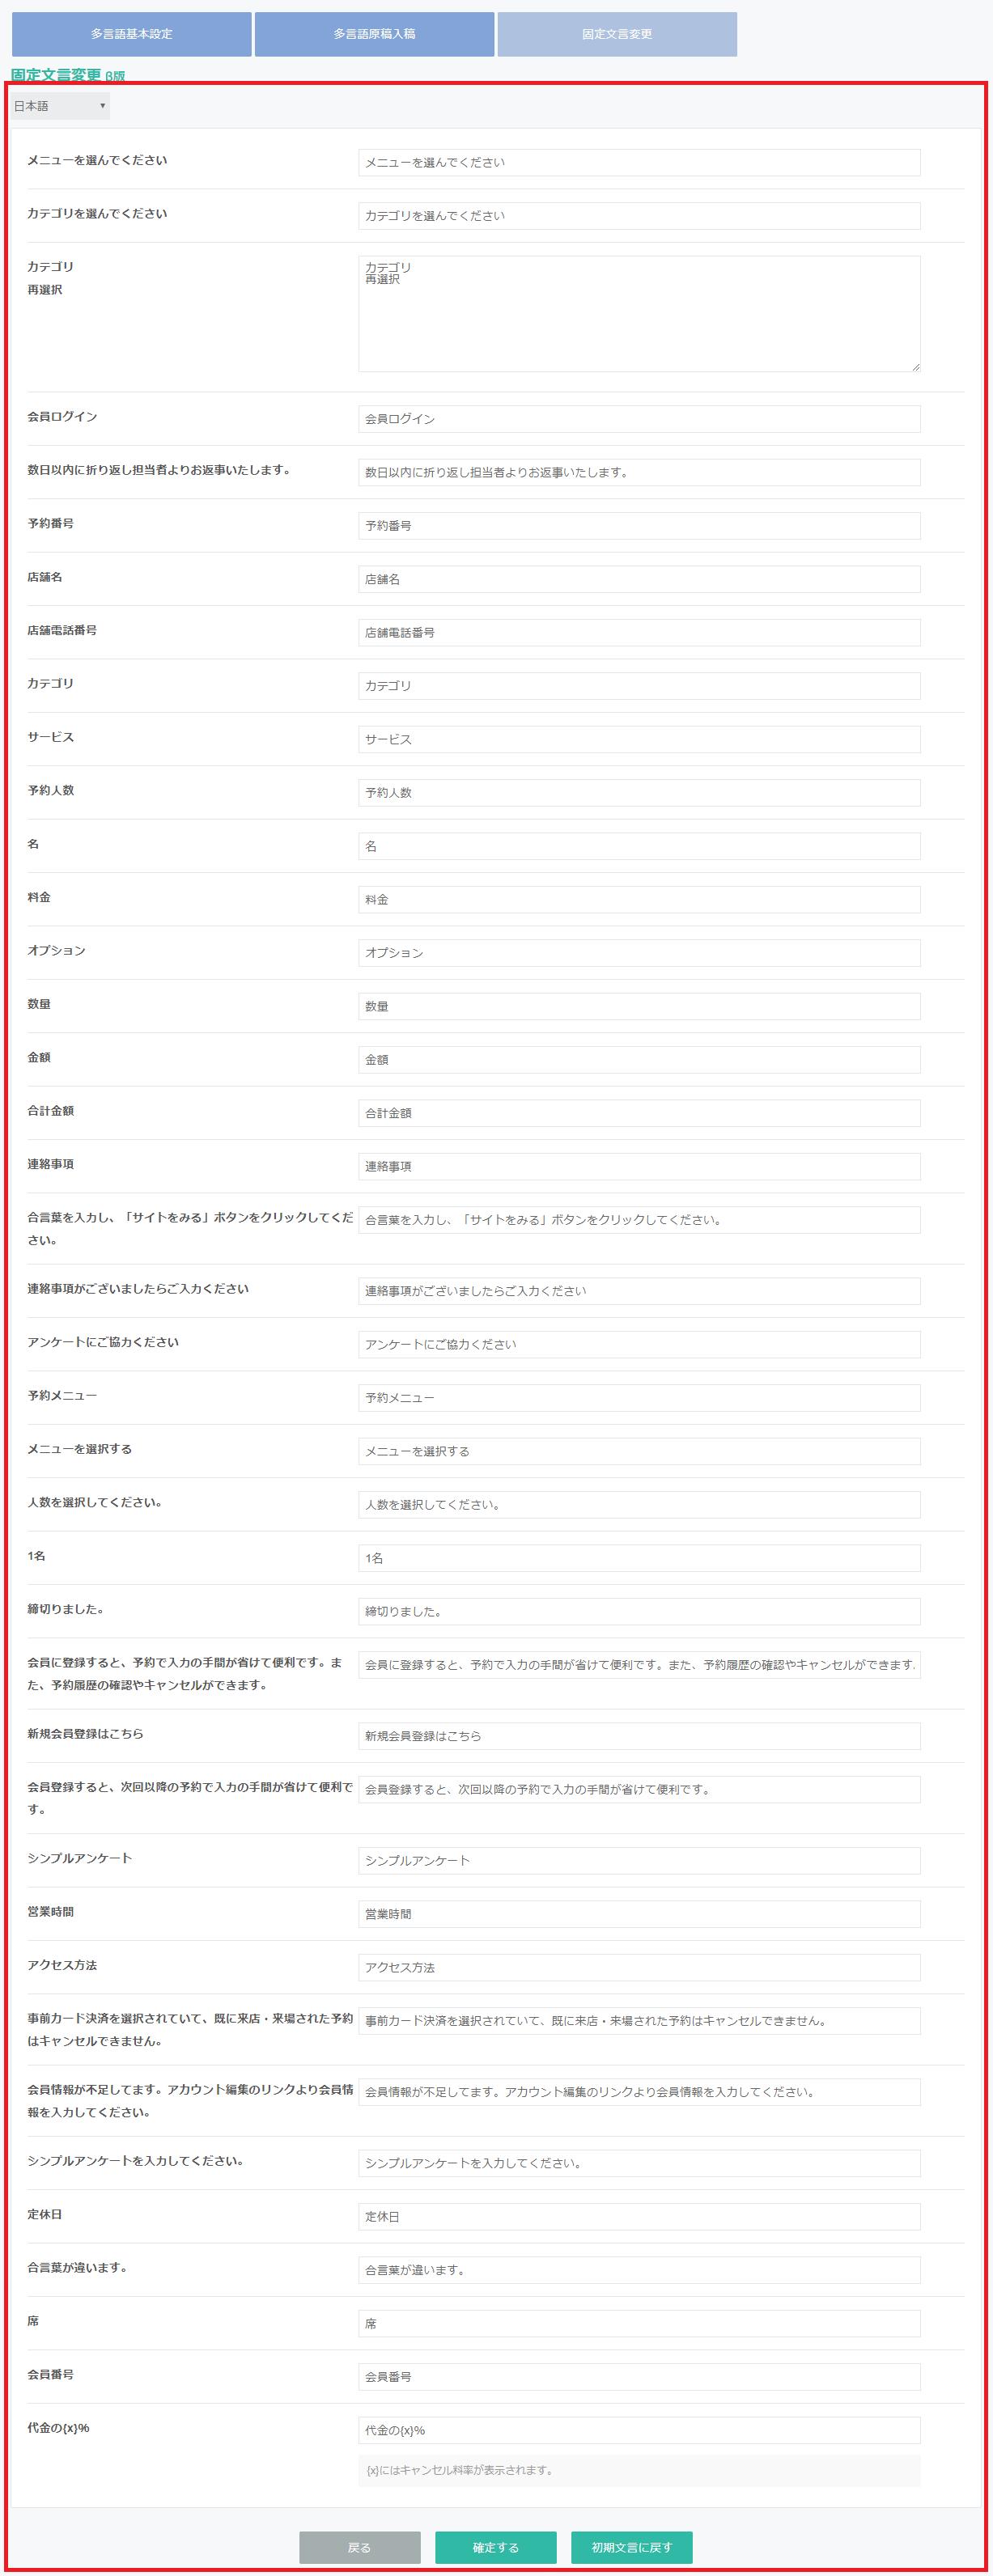 固定文言変更-日本語の固定文言変更(サービス提供タイプ・スタッフ指名なし)